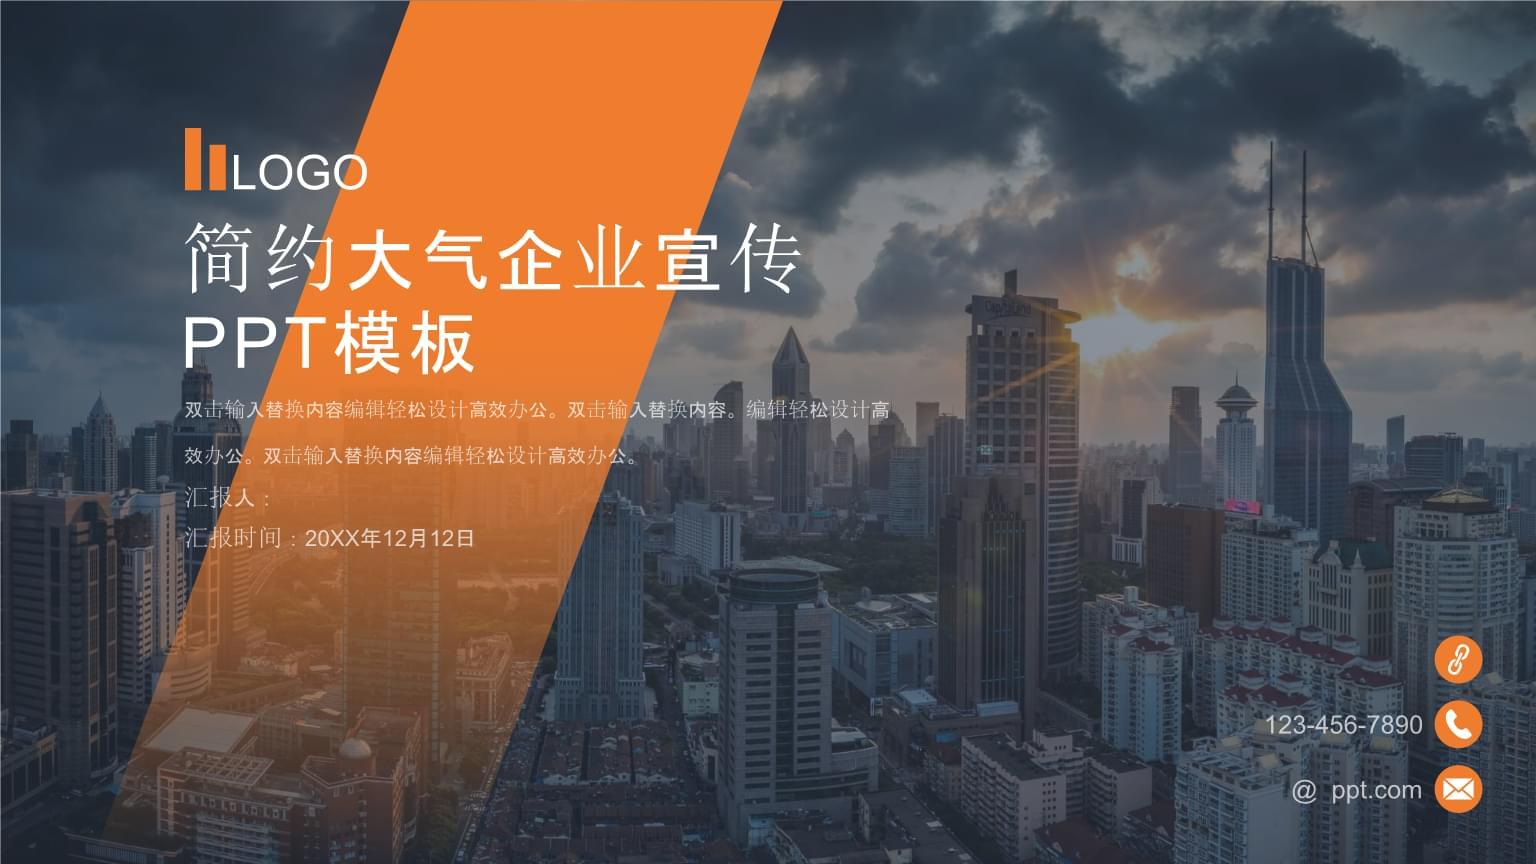 大气企业宣传介绍PPT模板.pptx